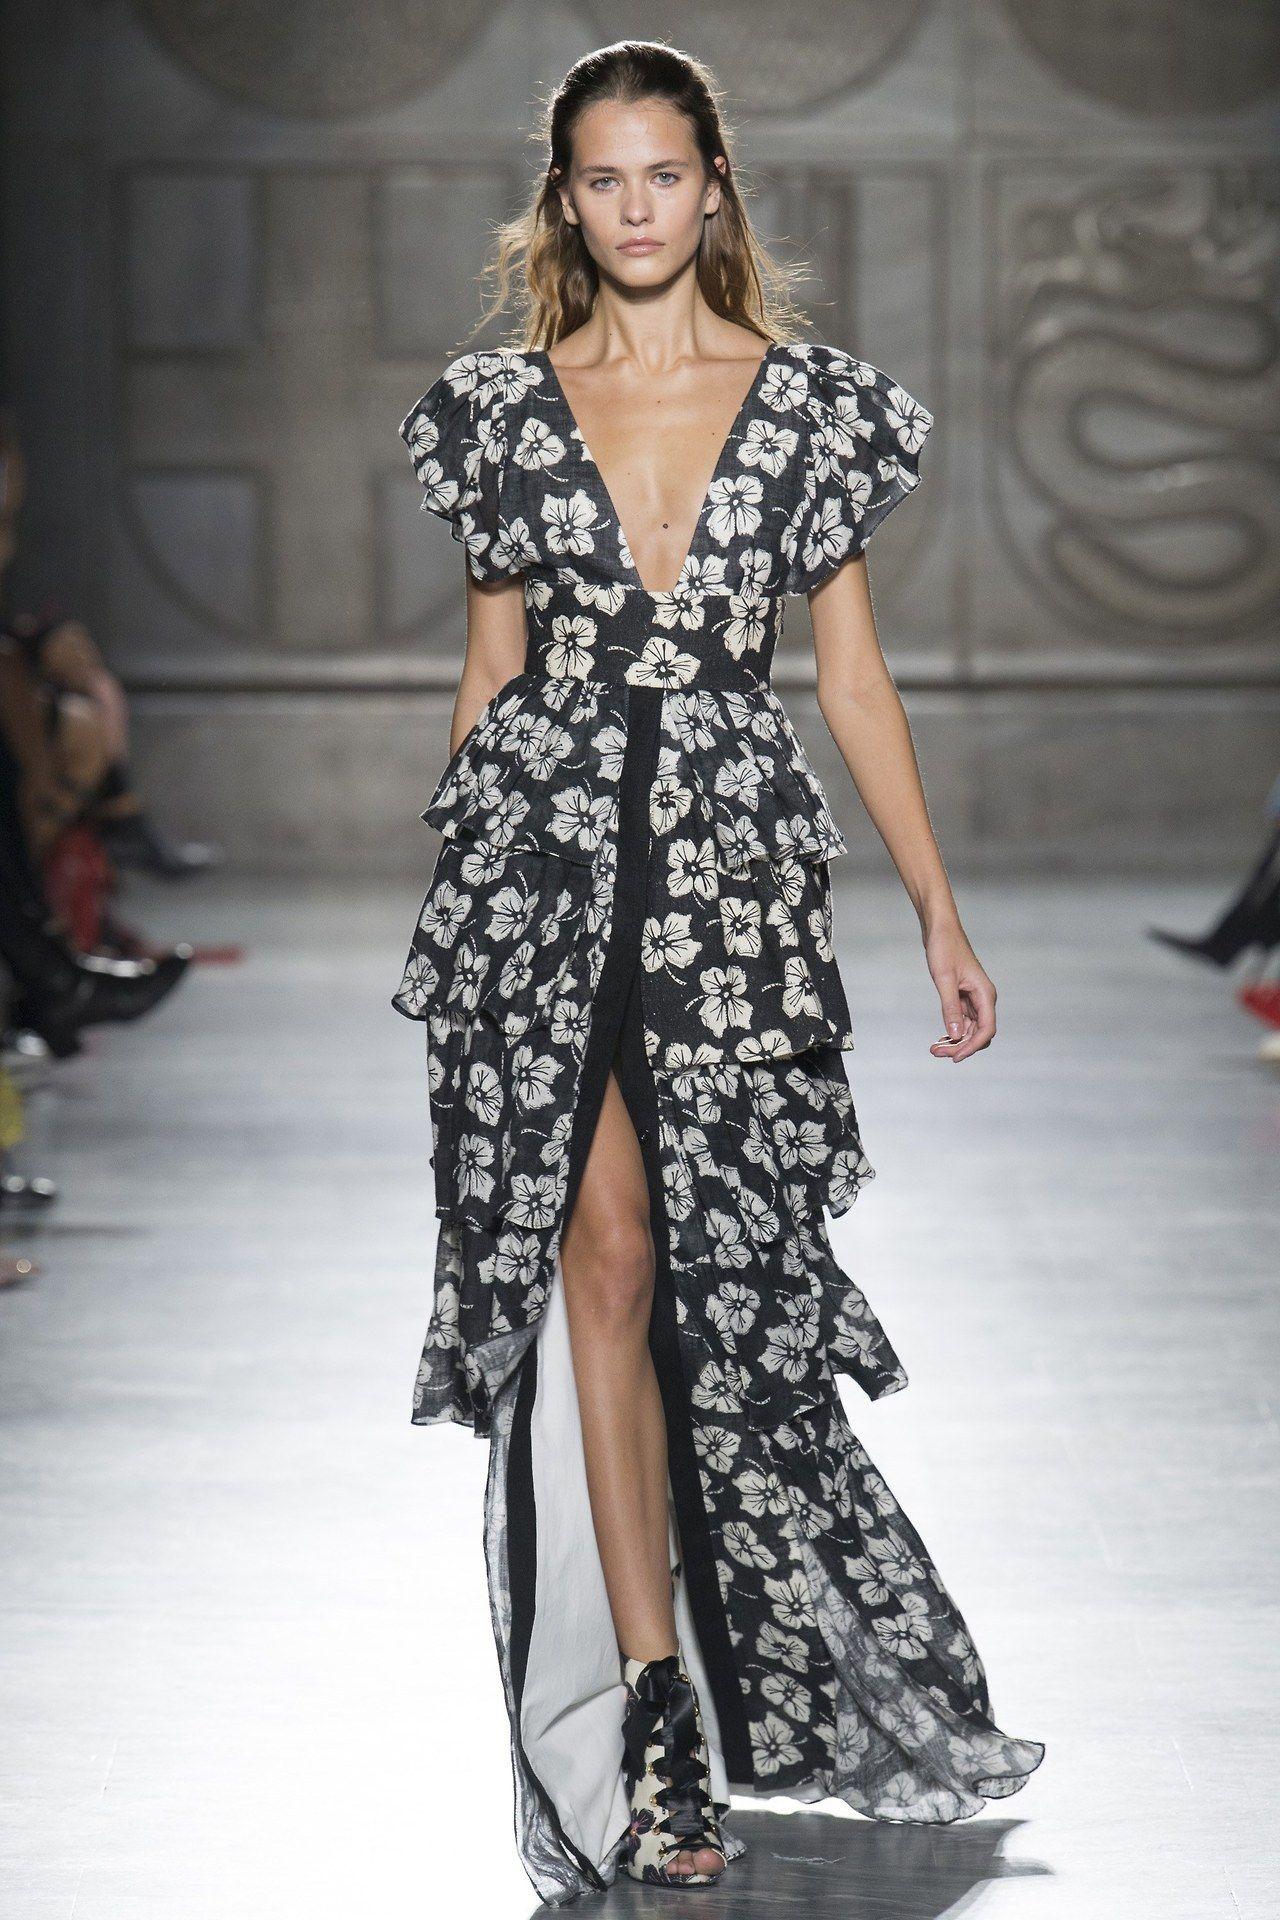 Fausto Puglisiat Milan Fashion Week Spring 2018 Settimana Della Moda Di  Milano 1272c537f34